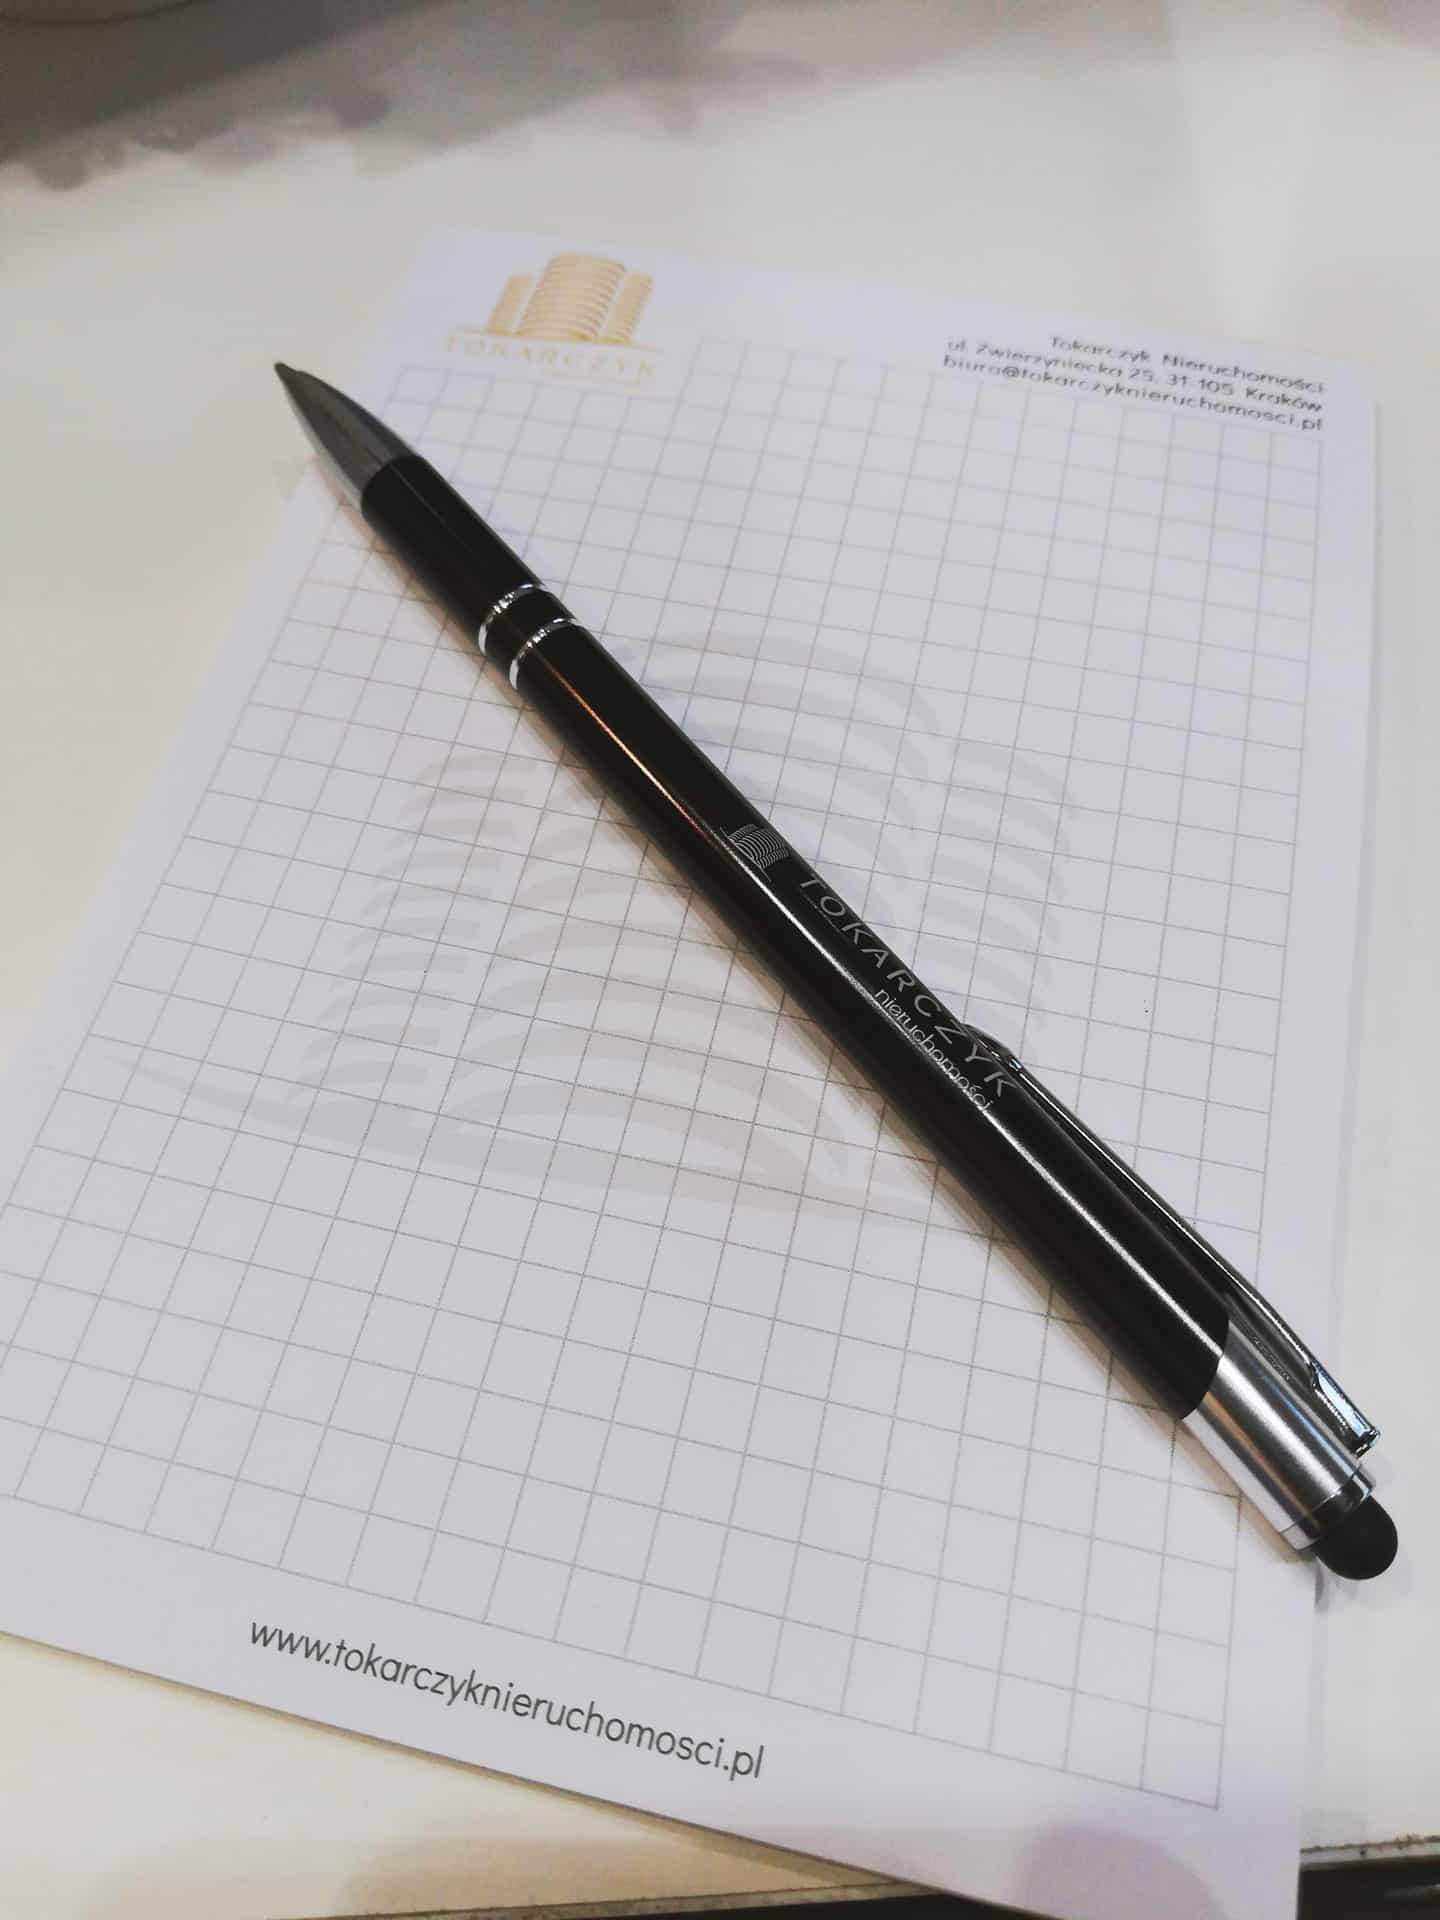 długopisy i notesy z logo Tokarczyk nieruchomości